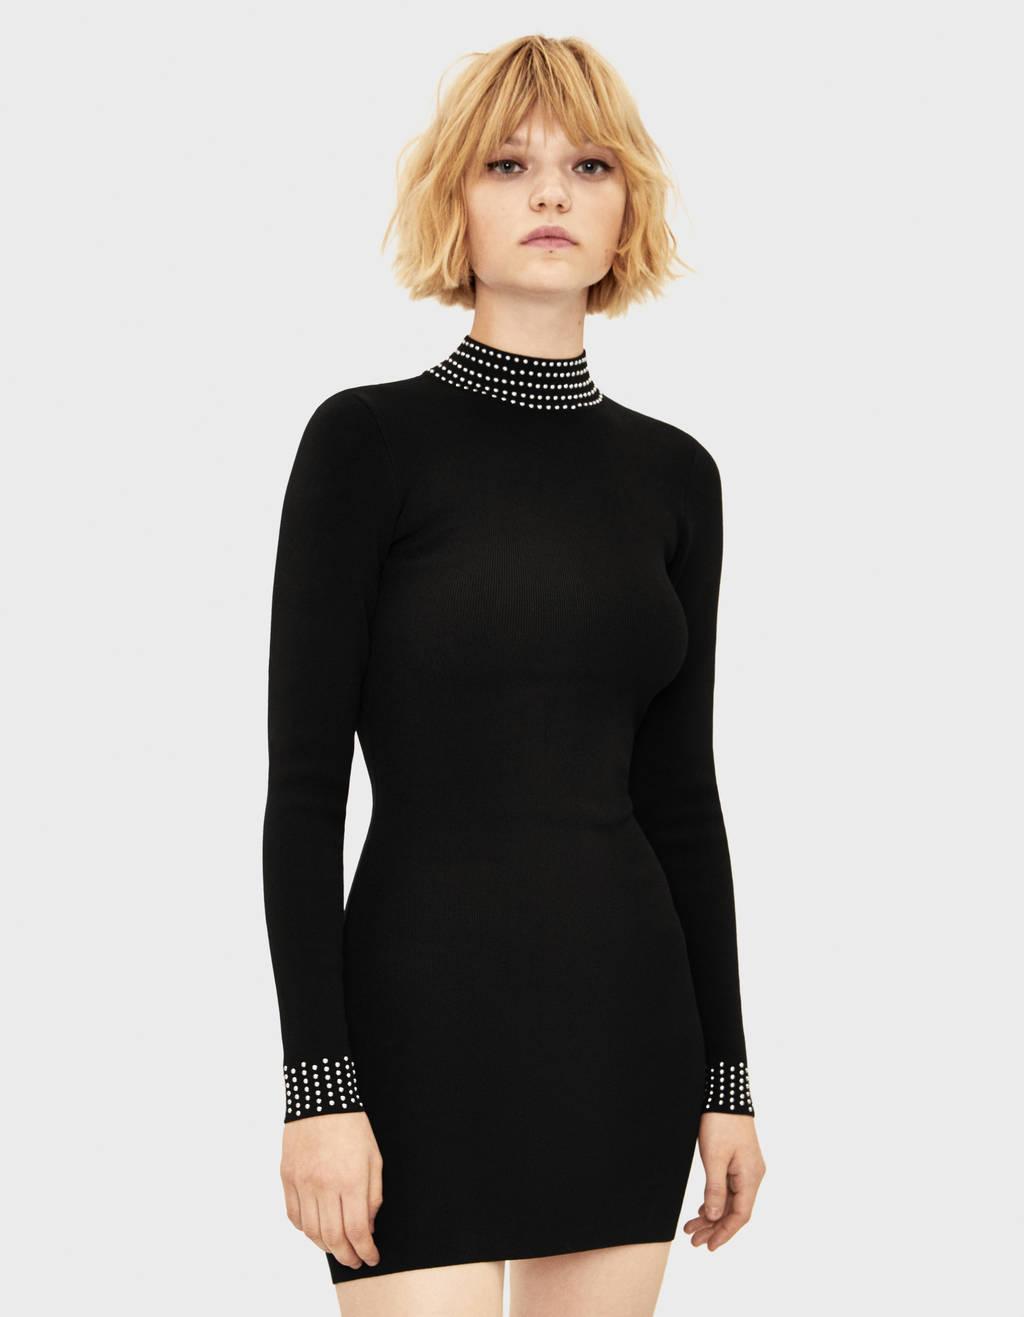 cheaper 8dba9 2e82c Vestito corto con borchie